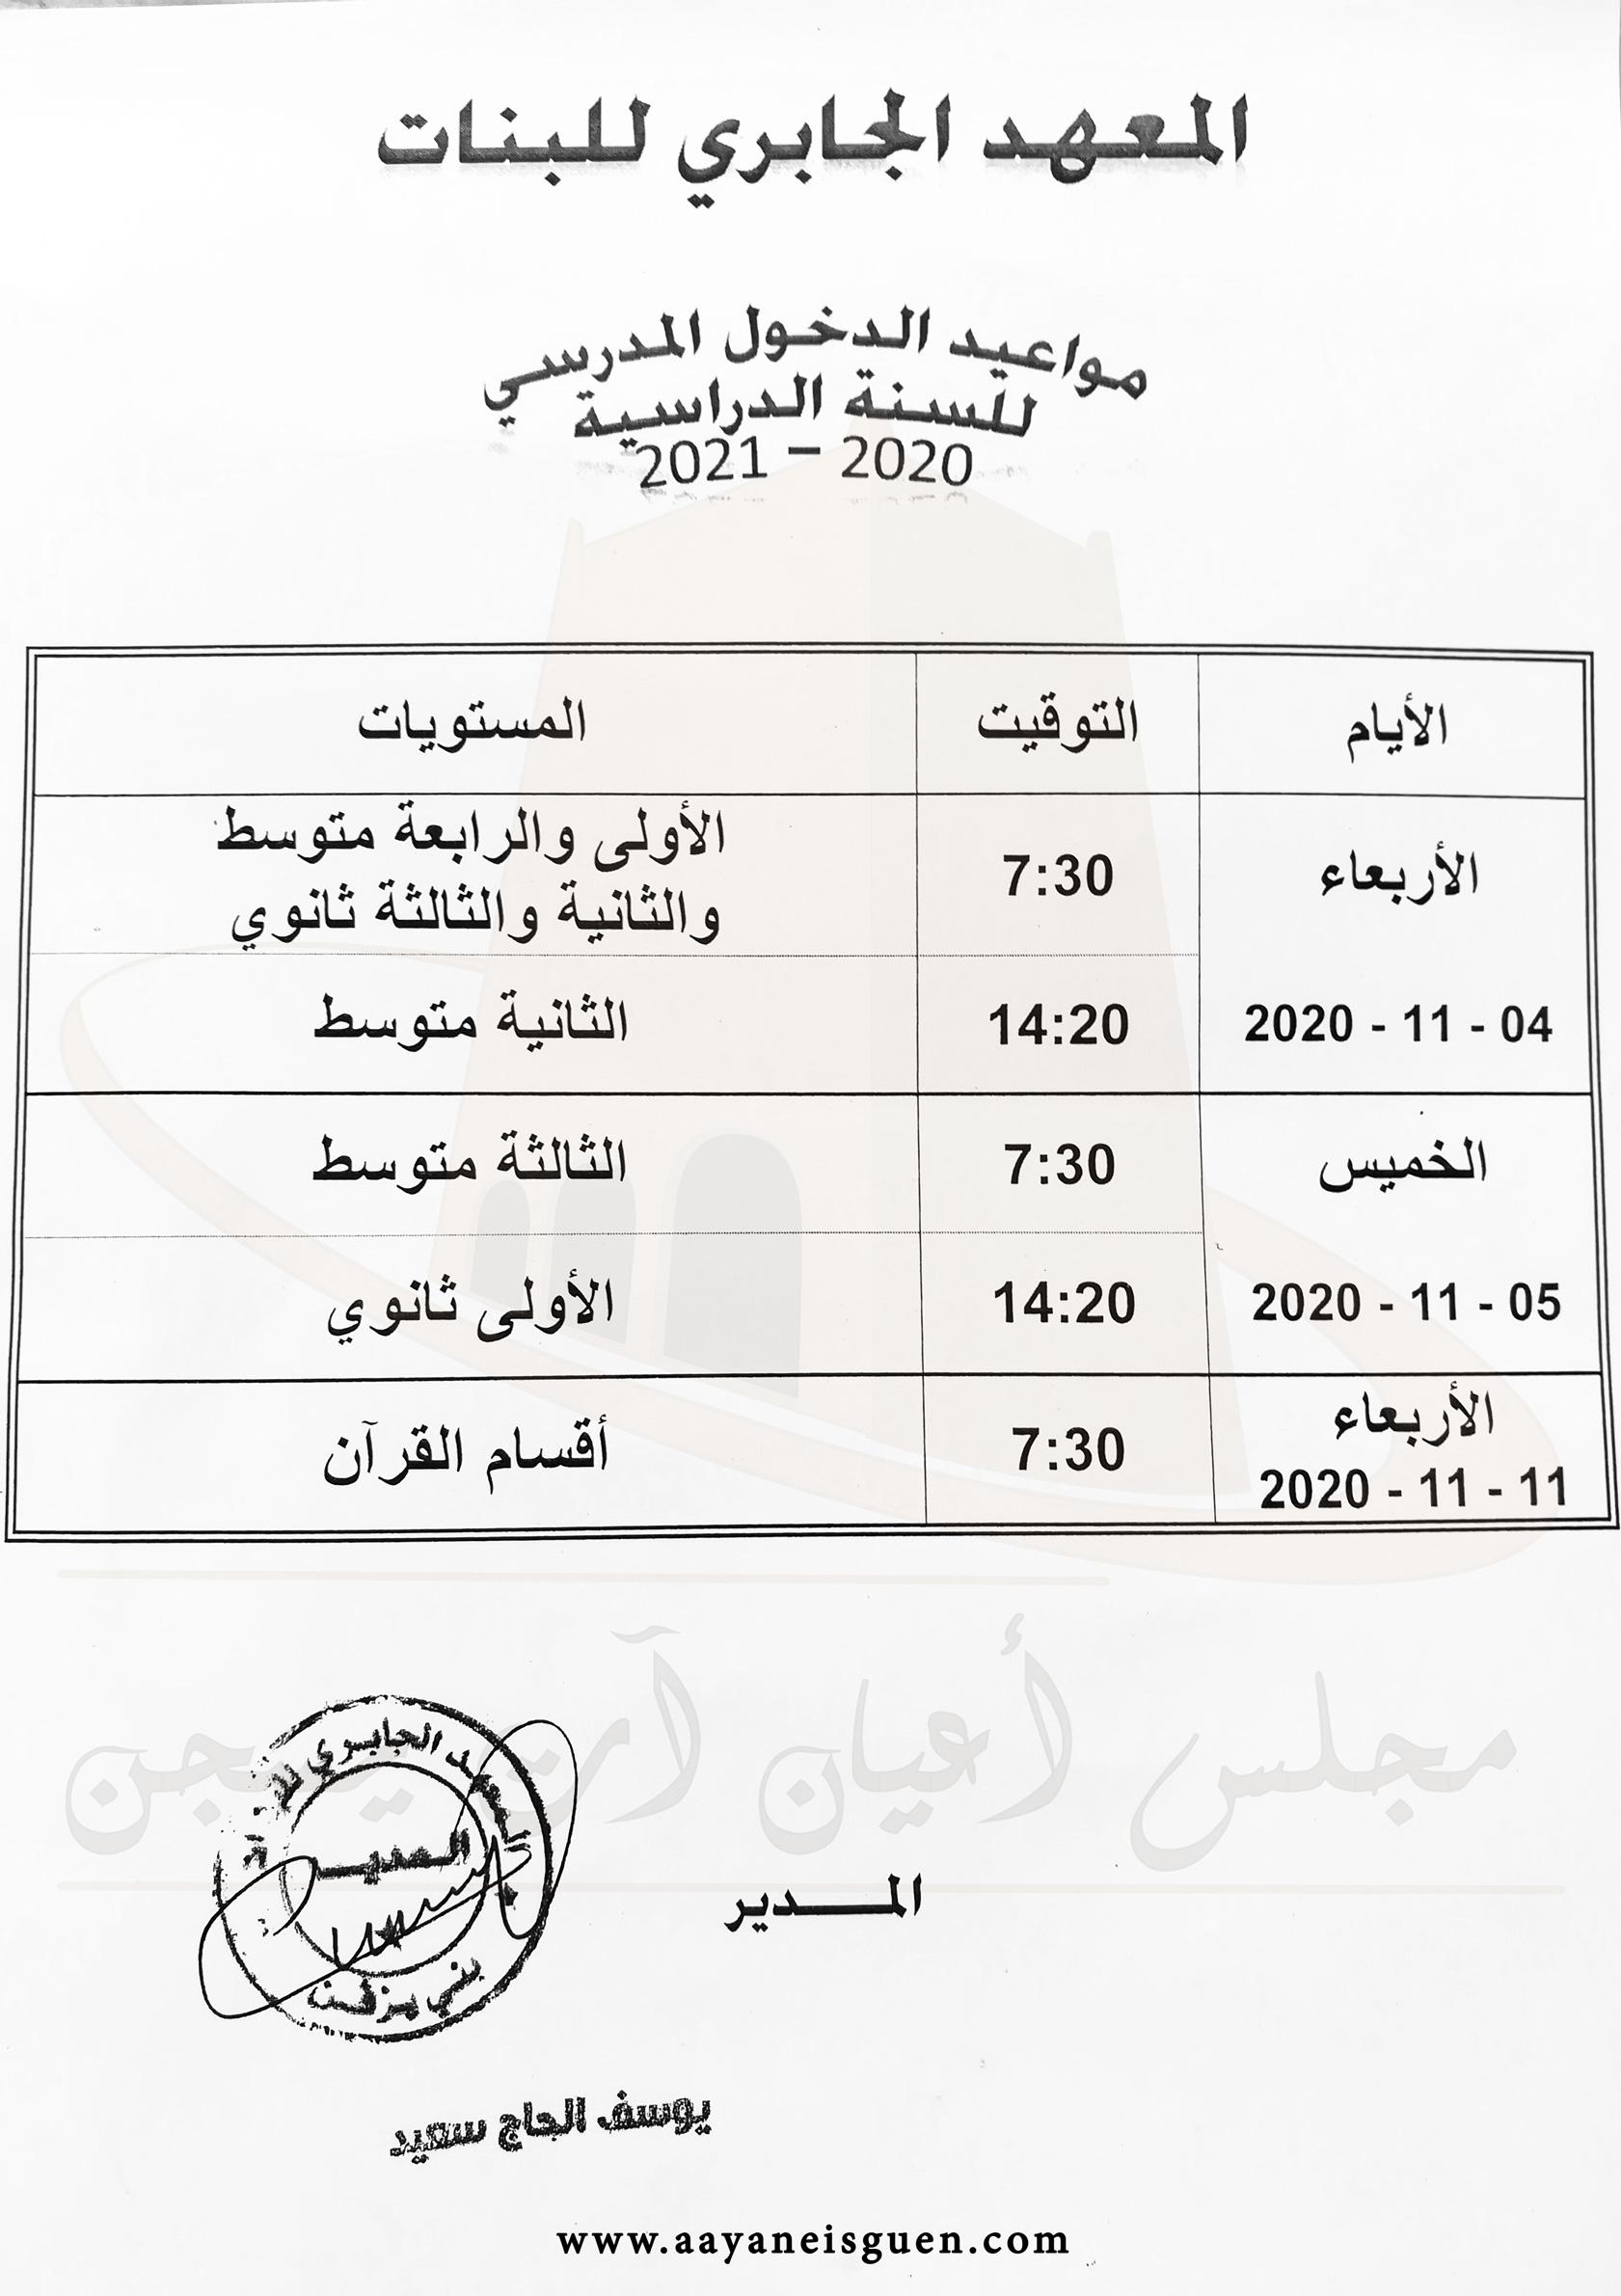 إعلان: مواعيد الدخول المدرسي 2020-2021 المعهد الجابري للبنات